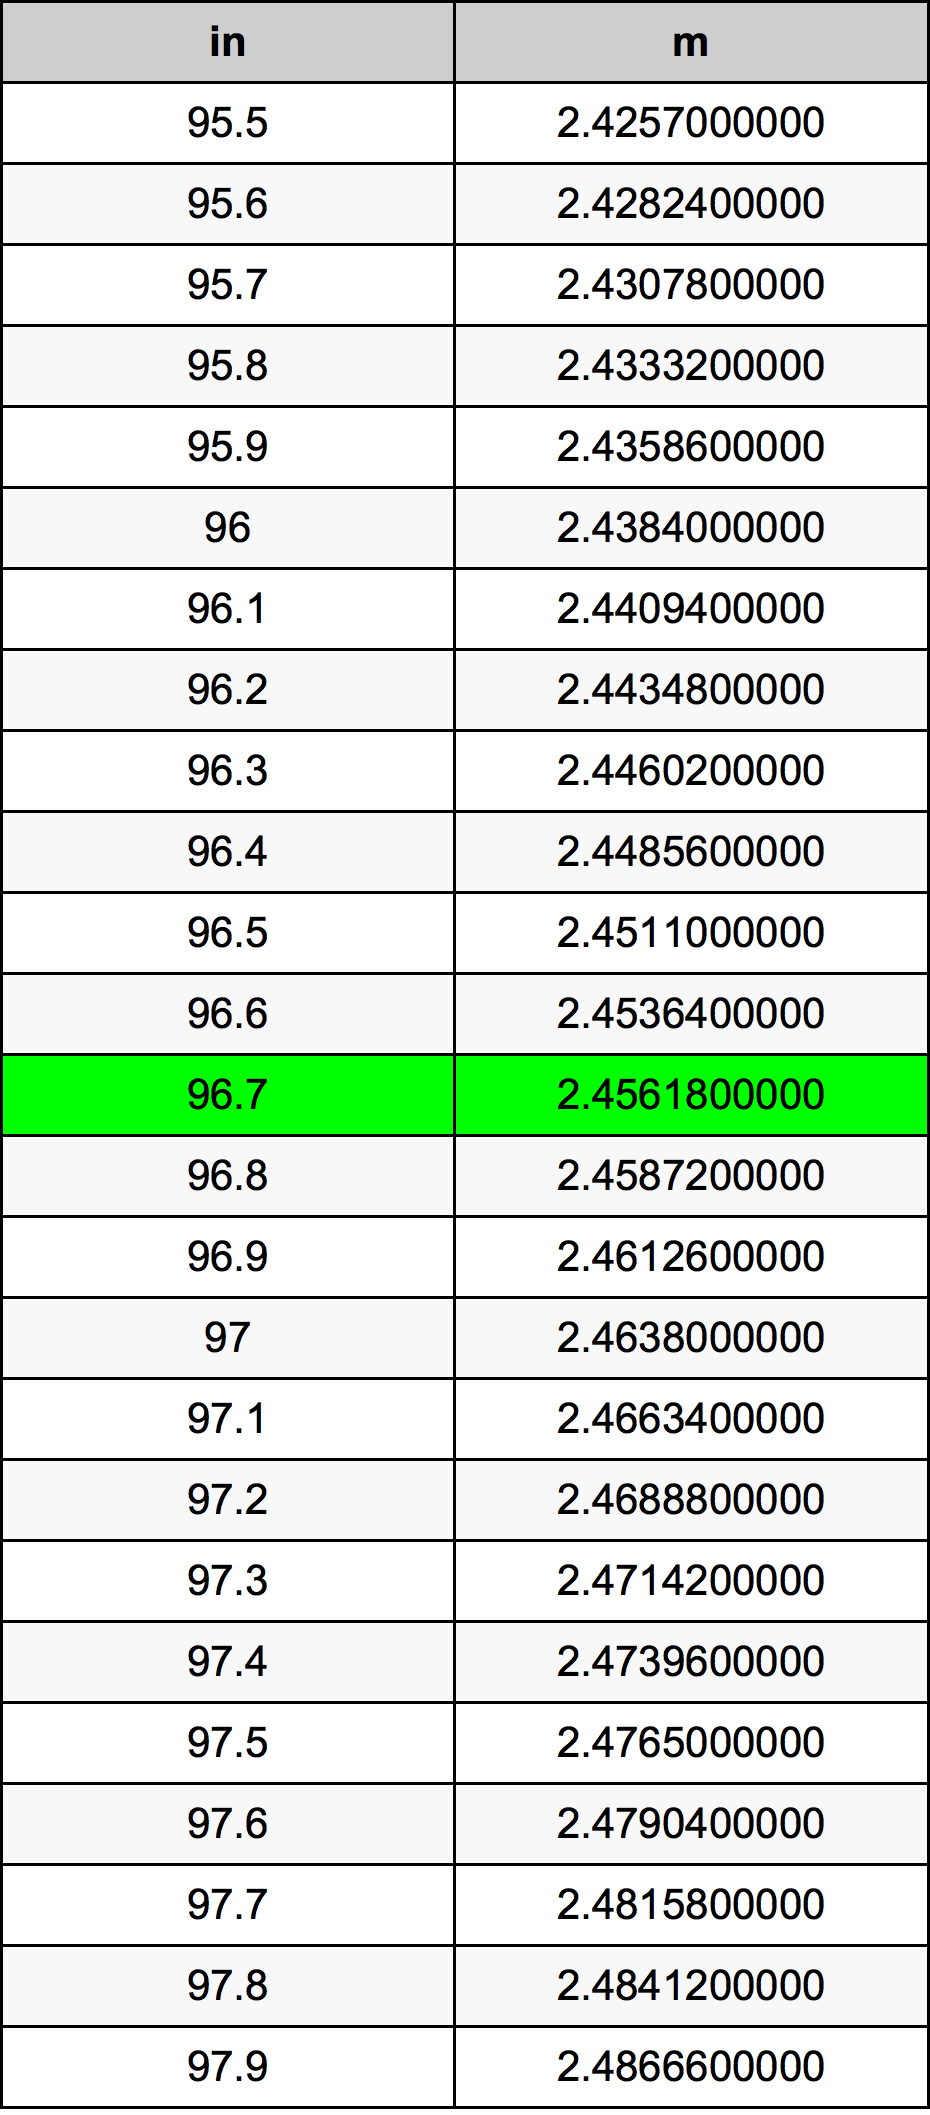 96.7 Zoll Umrechnungstabelle